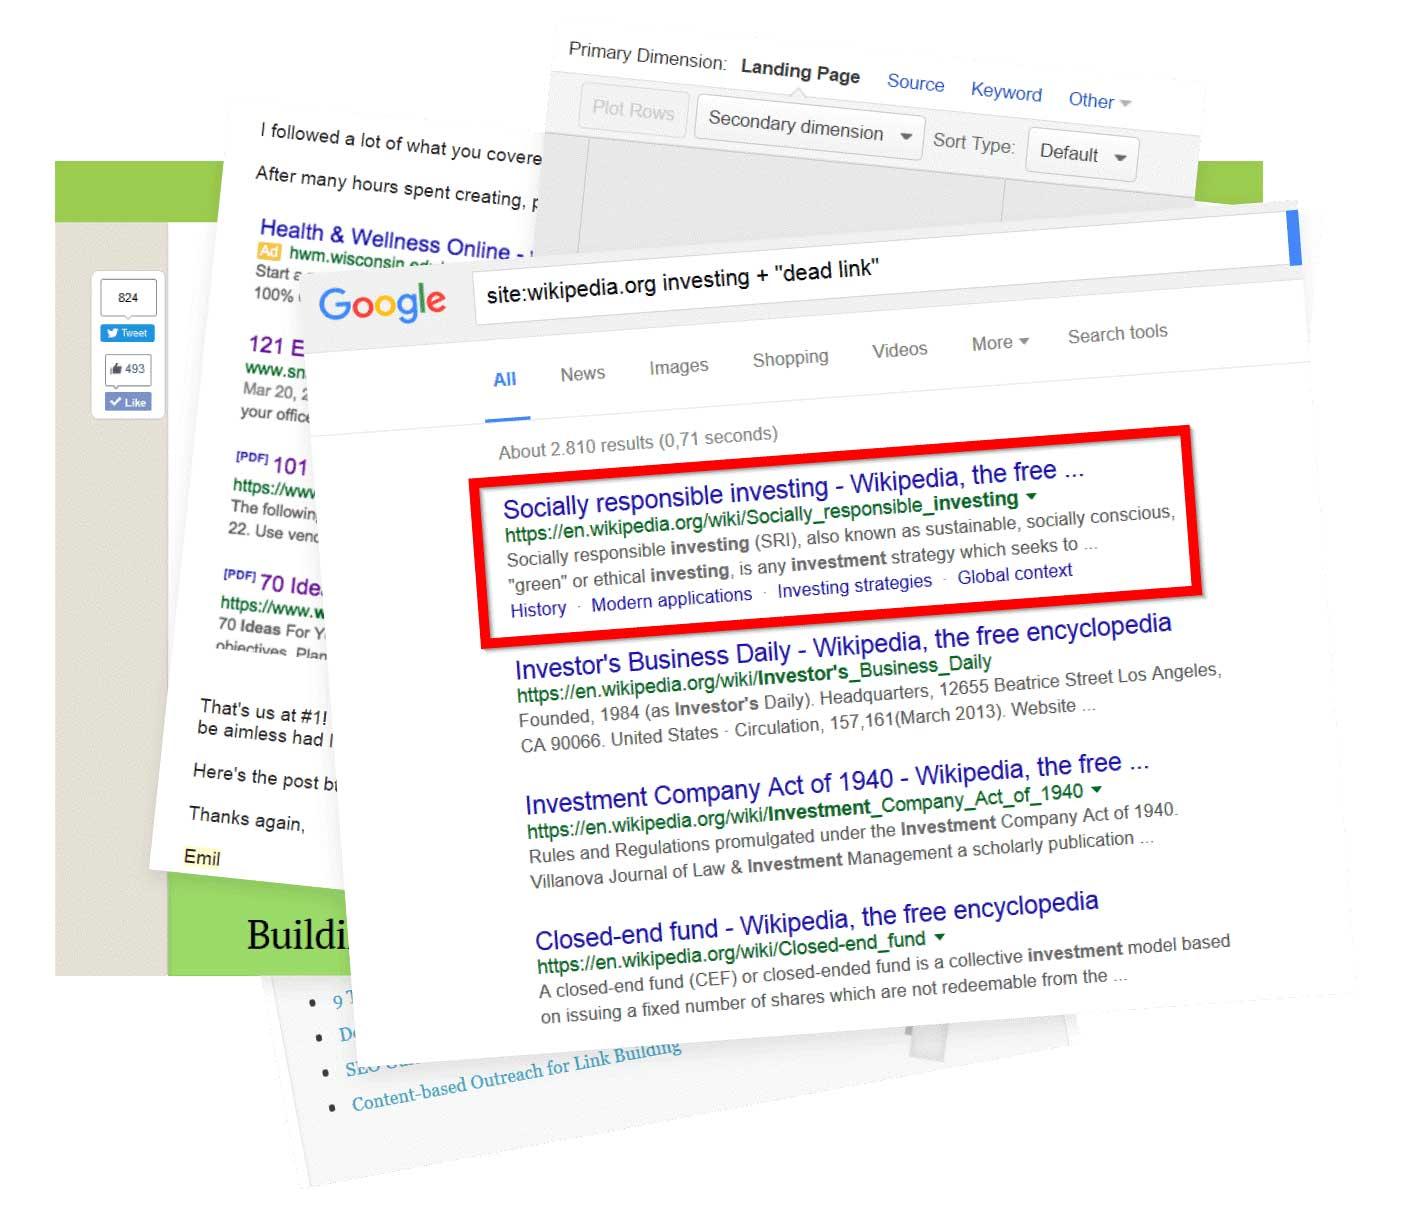 find wikipedia delet link